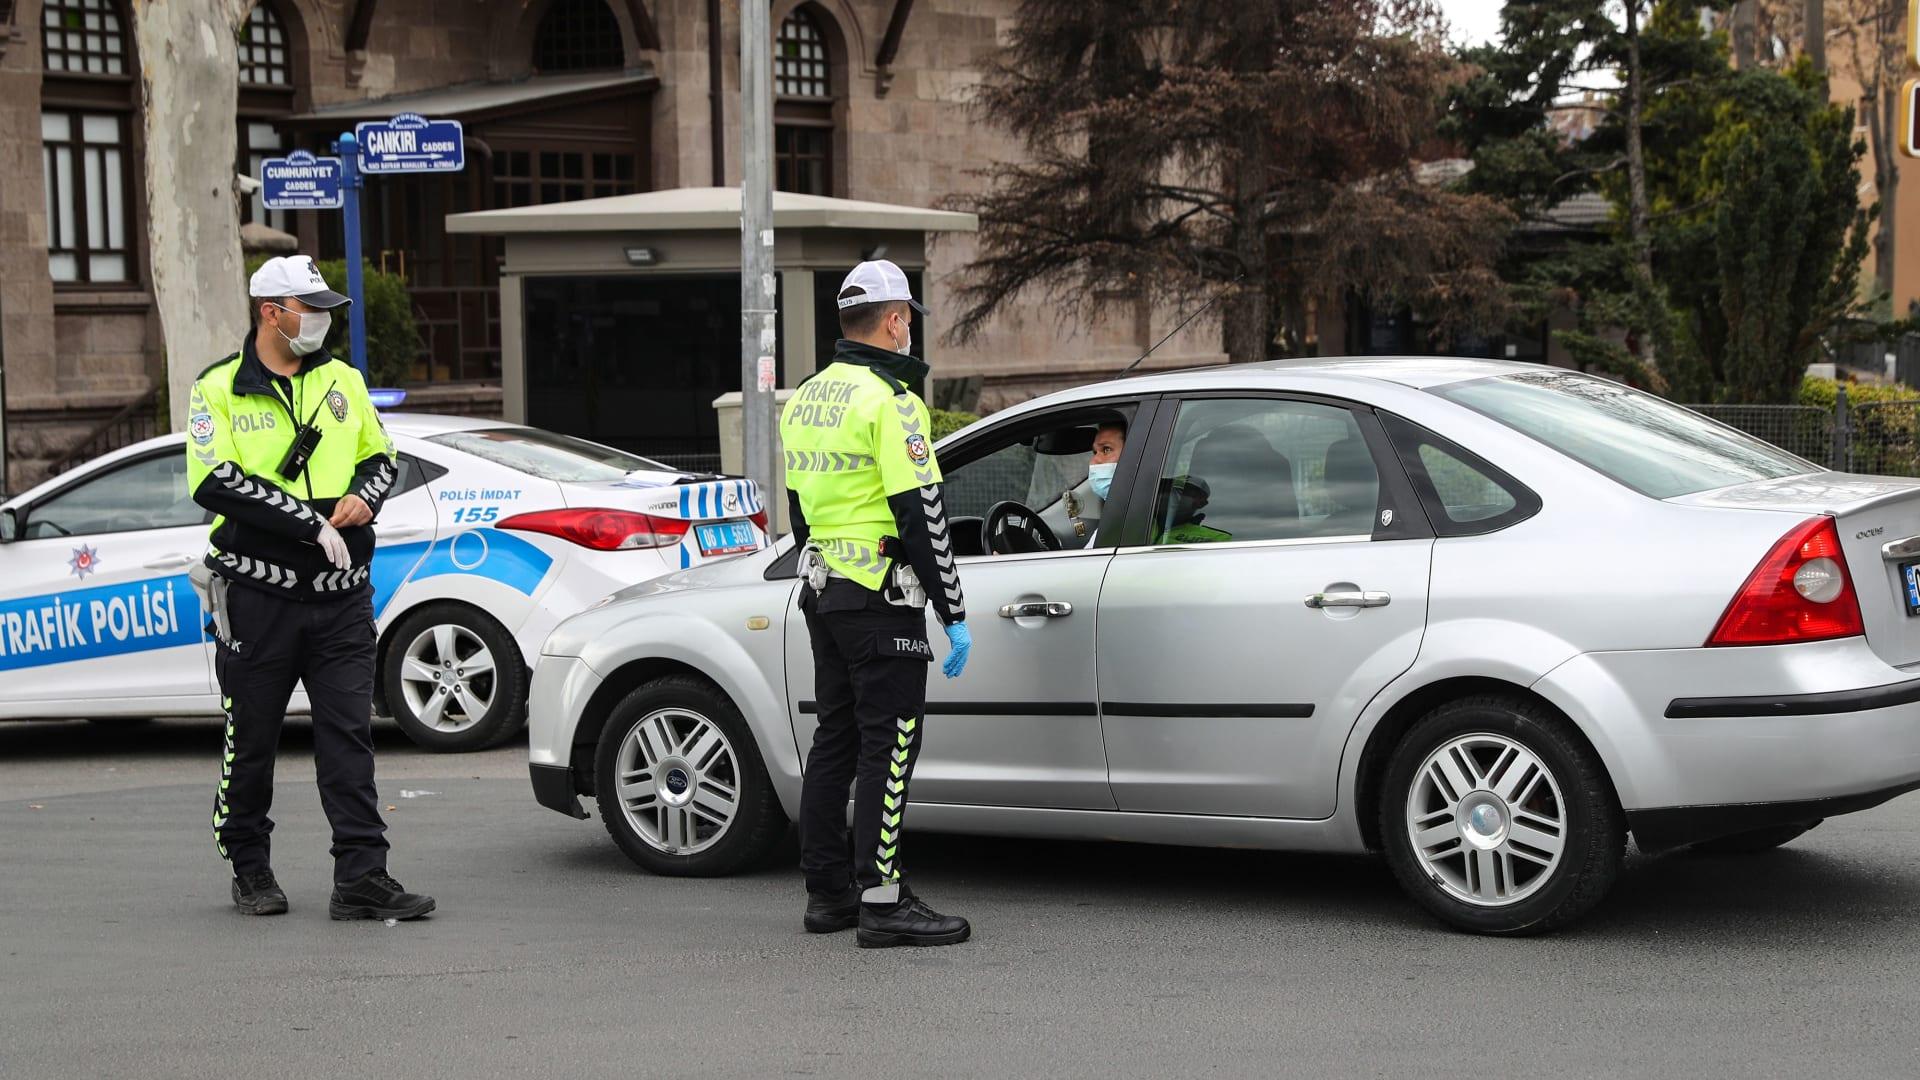 عناصر من الشرطة التركية في أنقرة يتابعون إجراءات حظر التجول المفروضة بسبب كورونا